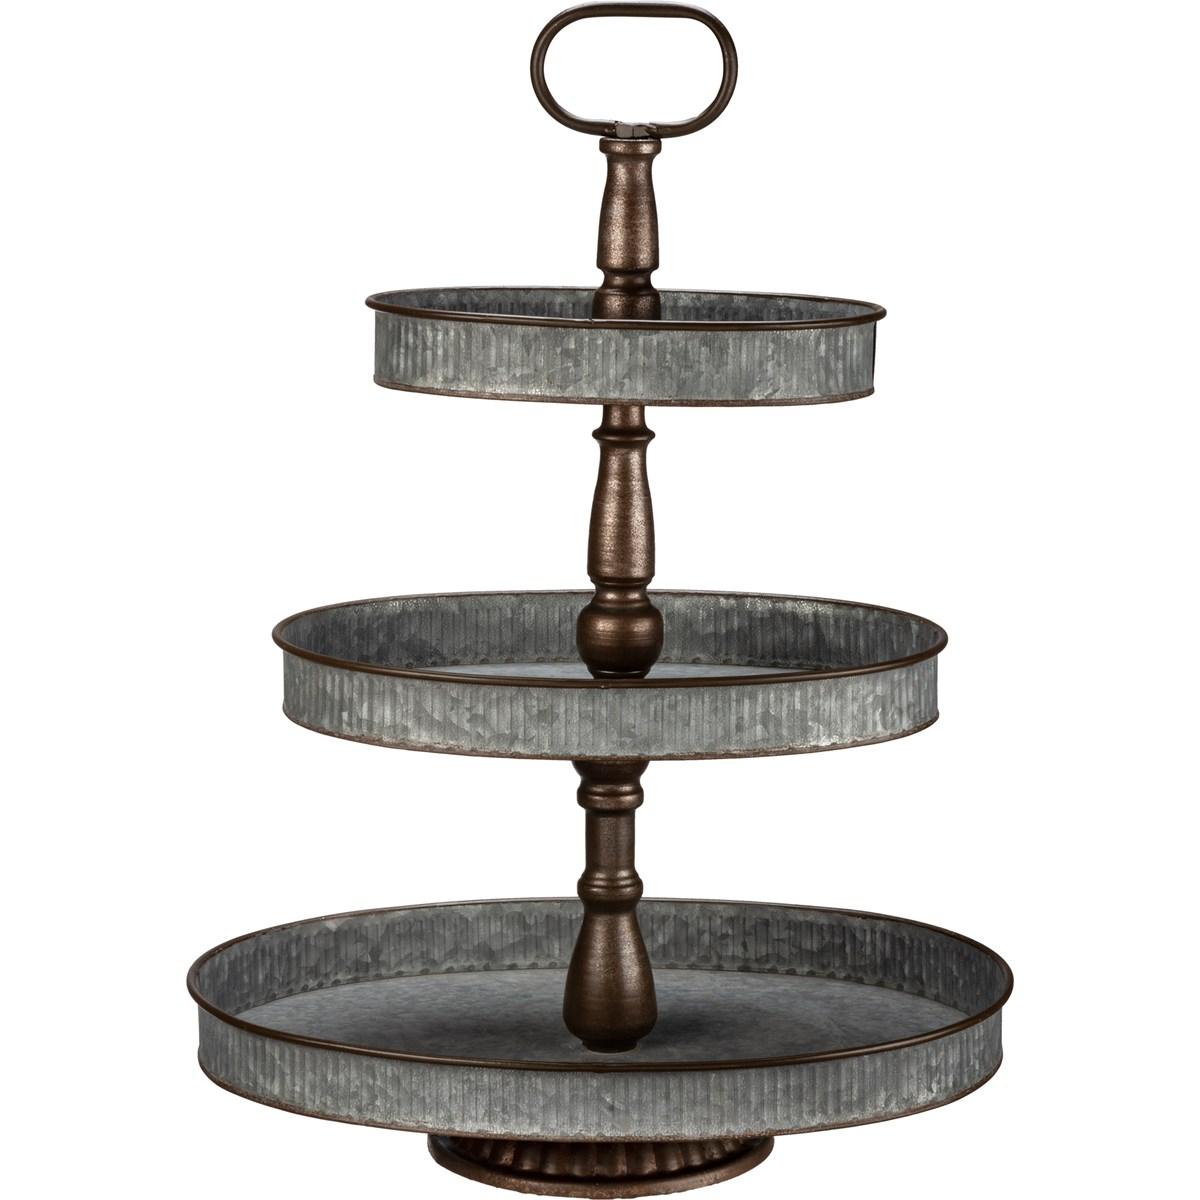 Tray-Oval Three Tier